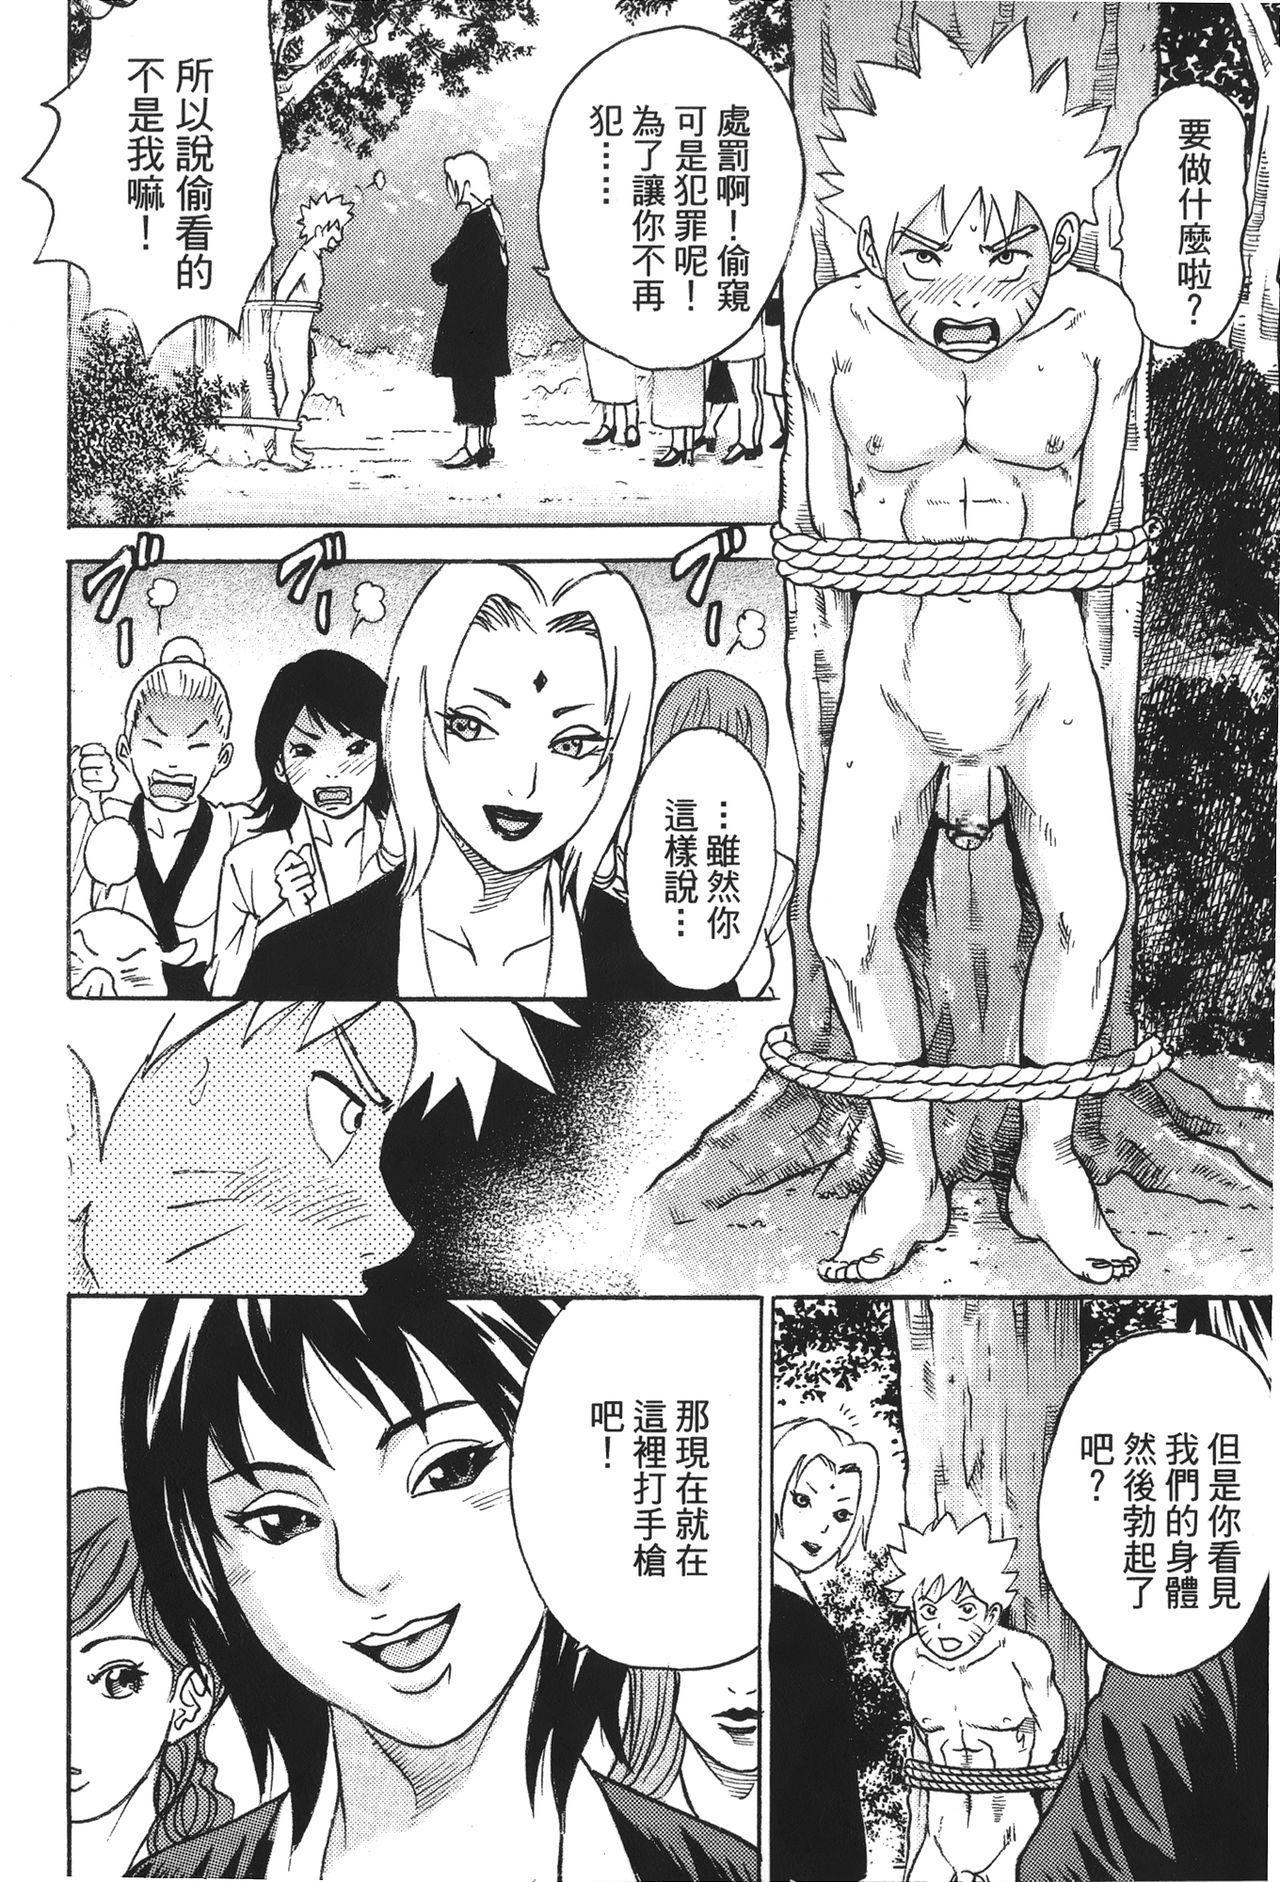 naruto ninja biography vol.02 102